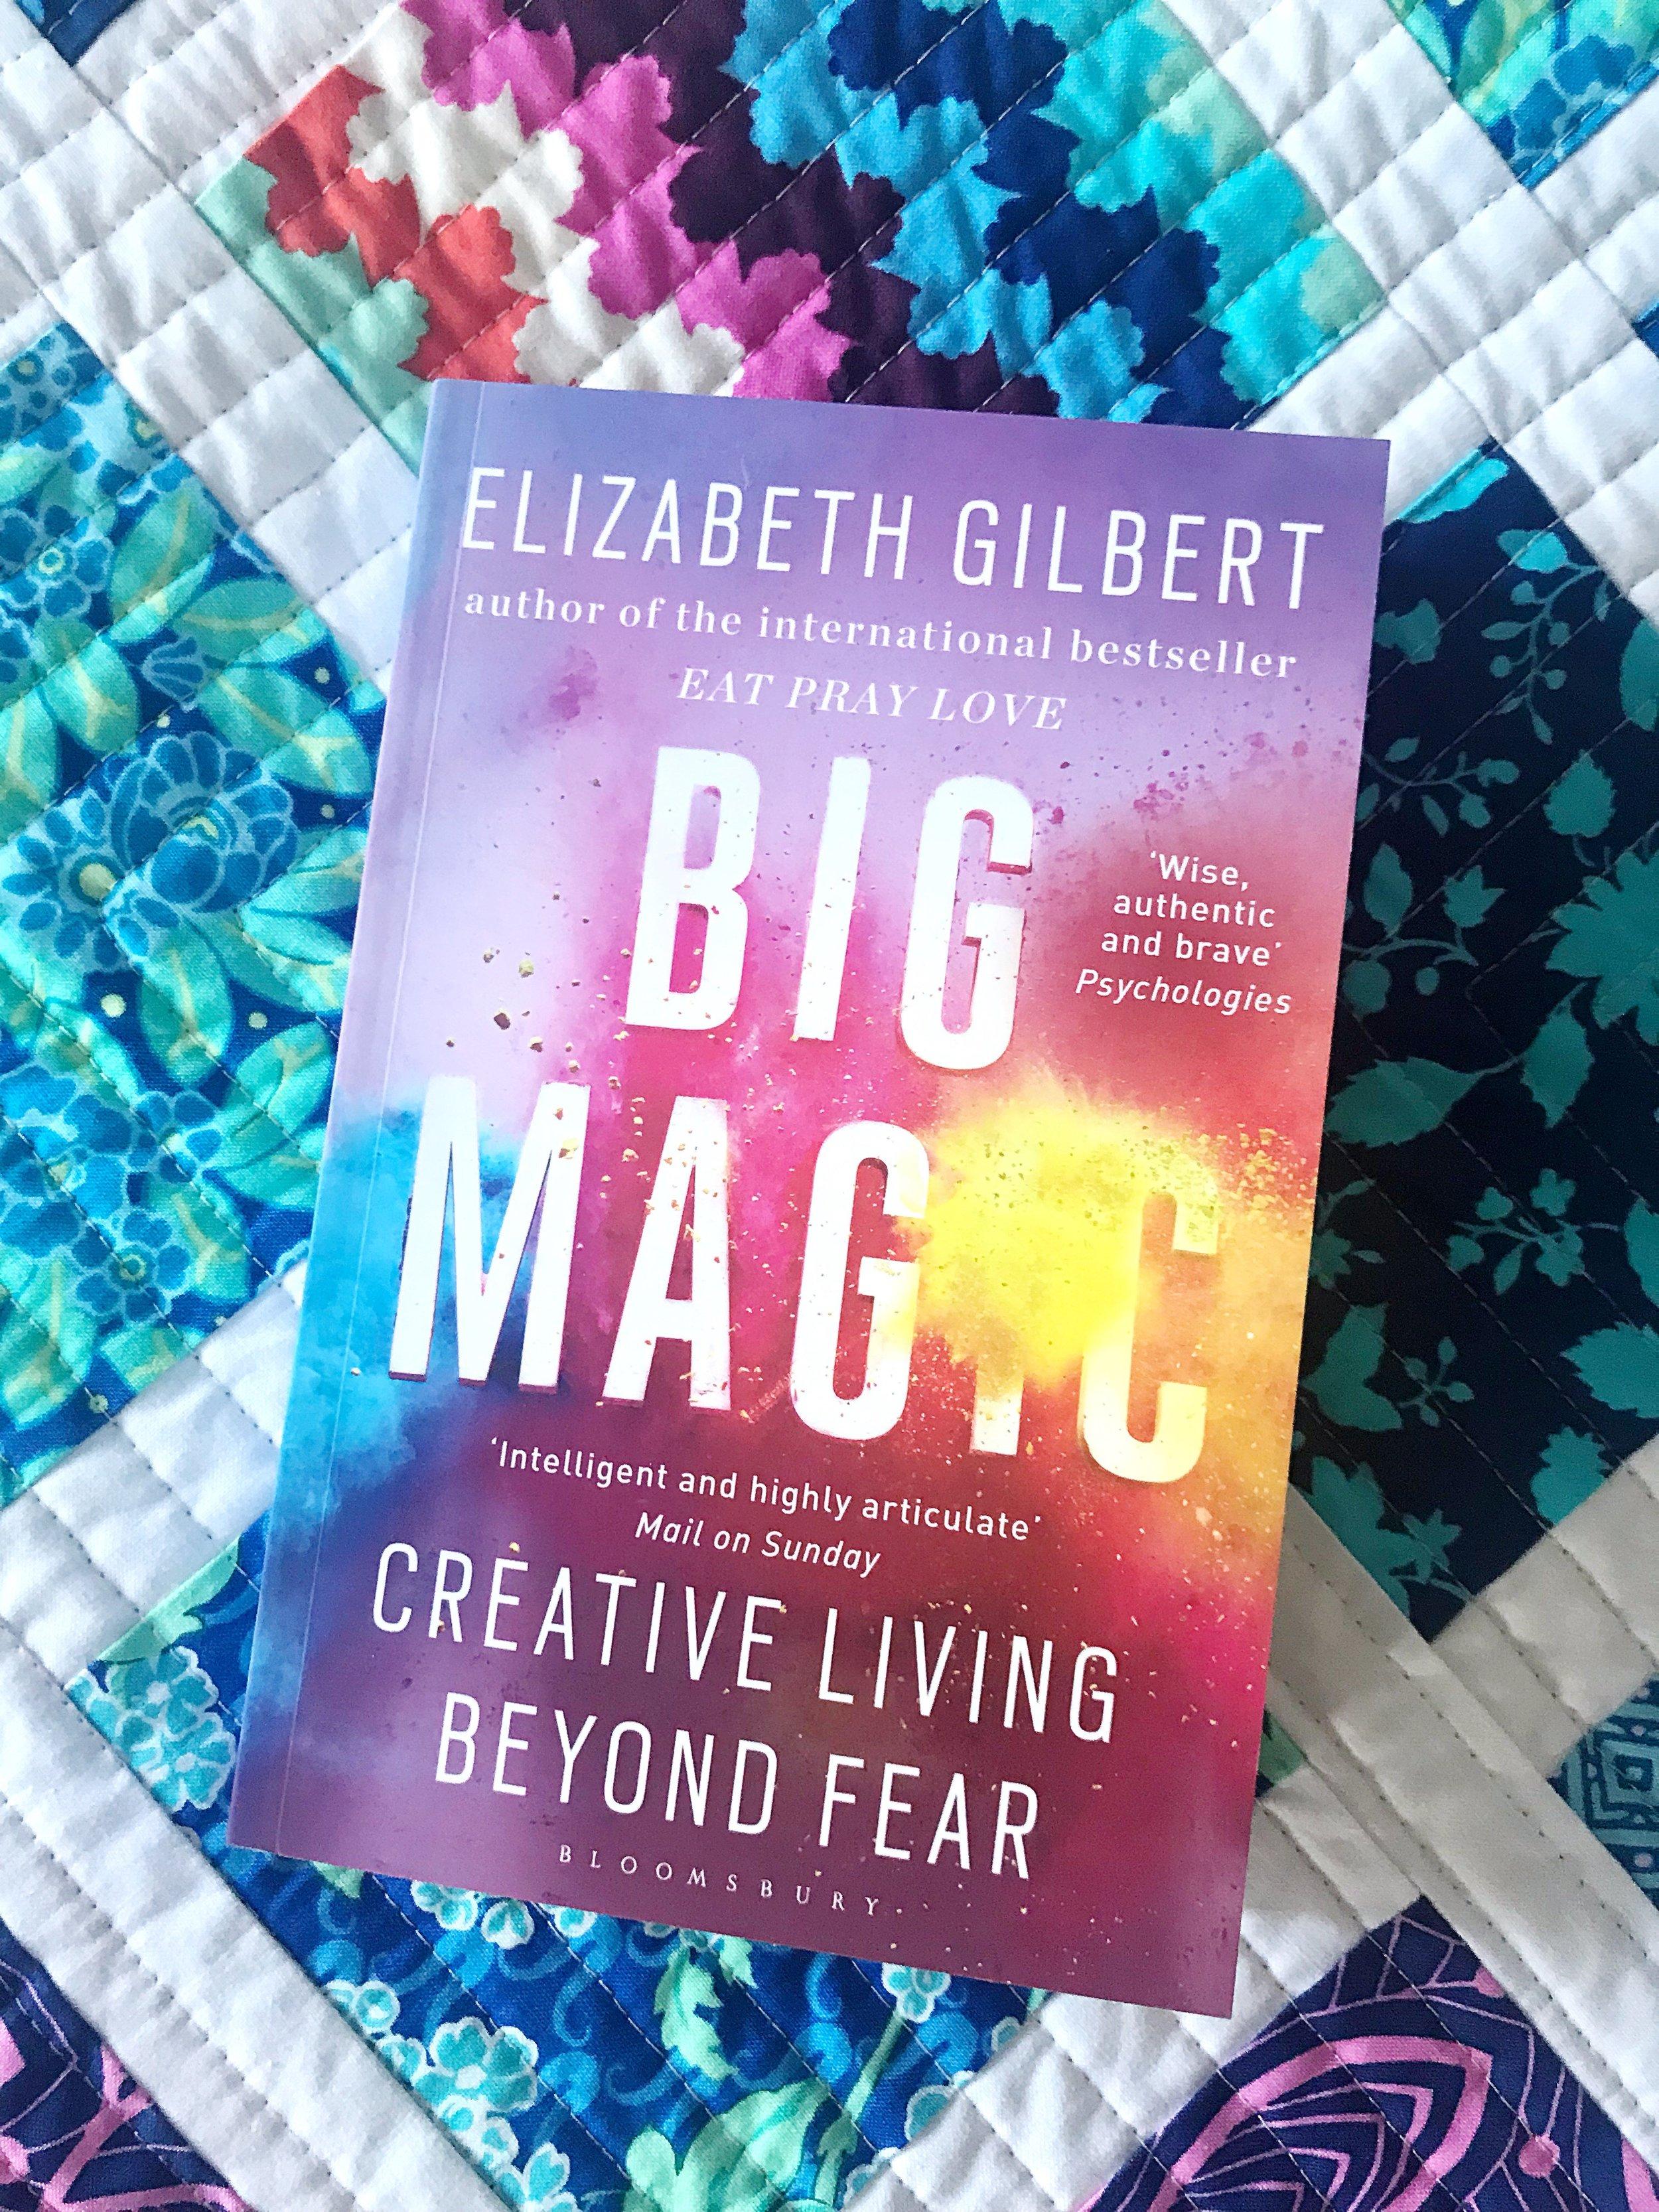 MQG Book Club: Big Magic by Elizabeth Gilbert - By Sarah ashford